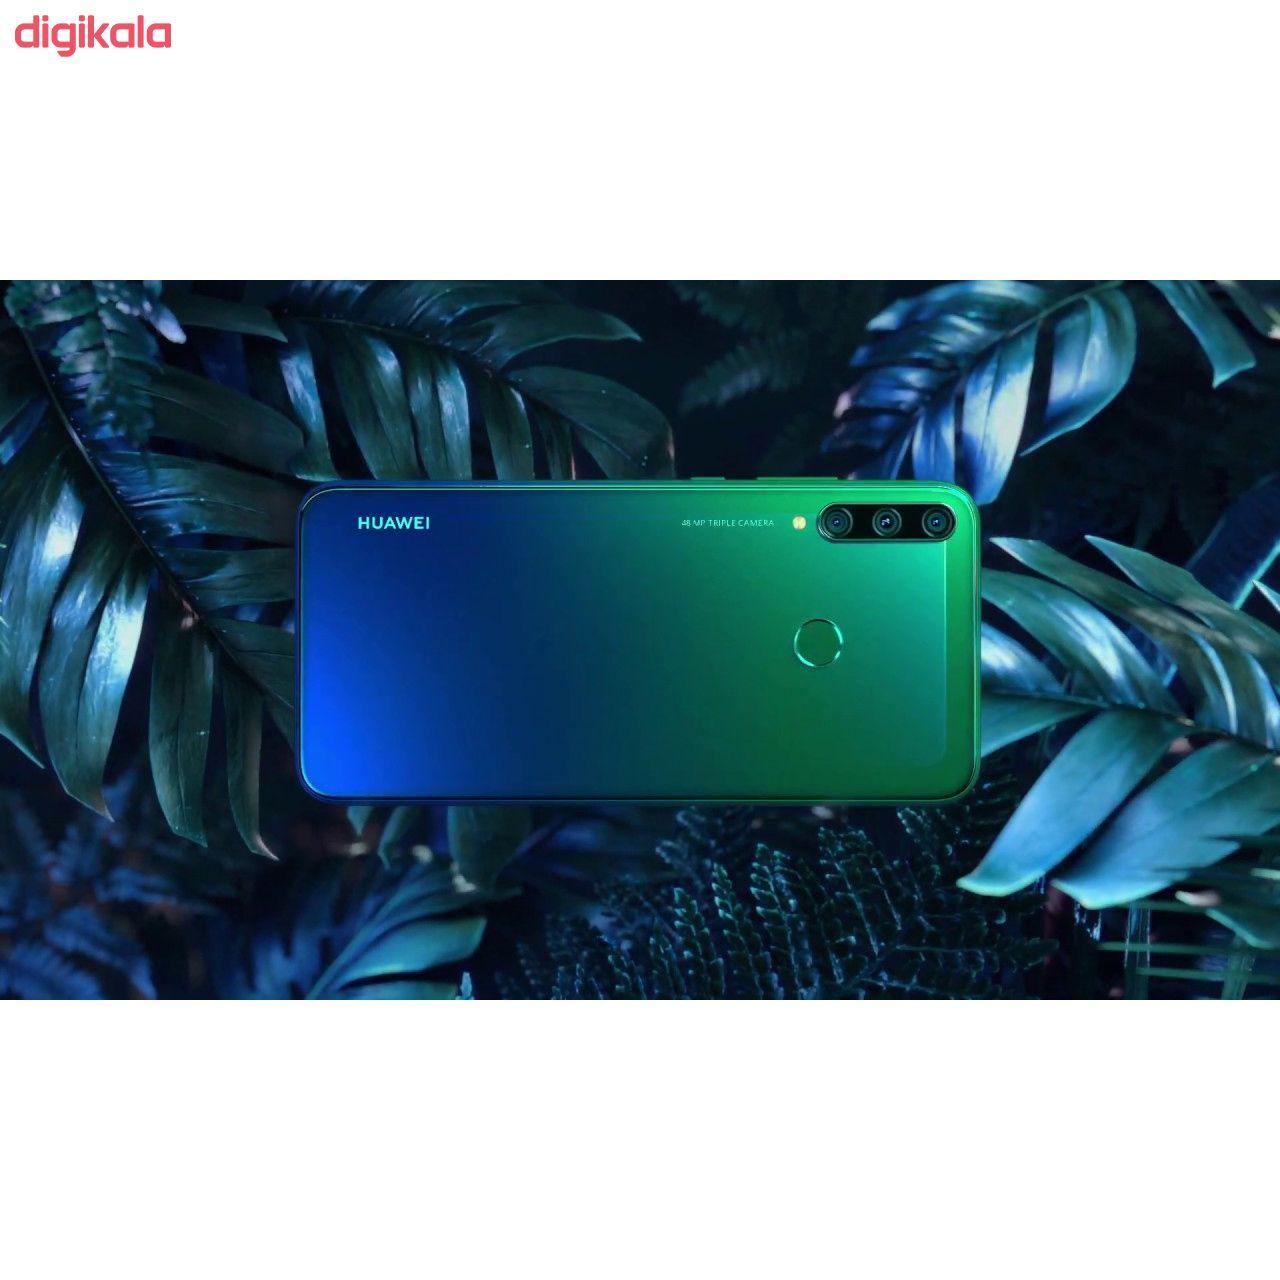 گوشی موبایل هوآوی مدل Huawei Y7p ART-L29 دو سیم کارت ظرفیت 64 گیگابایت به همراه کارت حافظه هدیه main 1 15